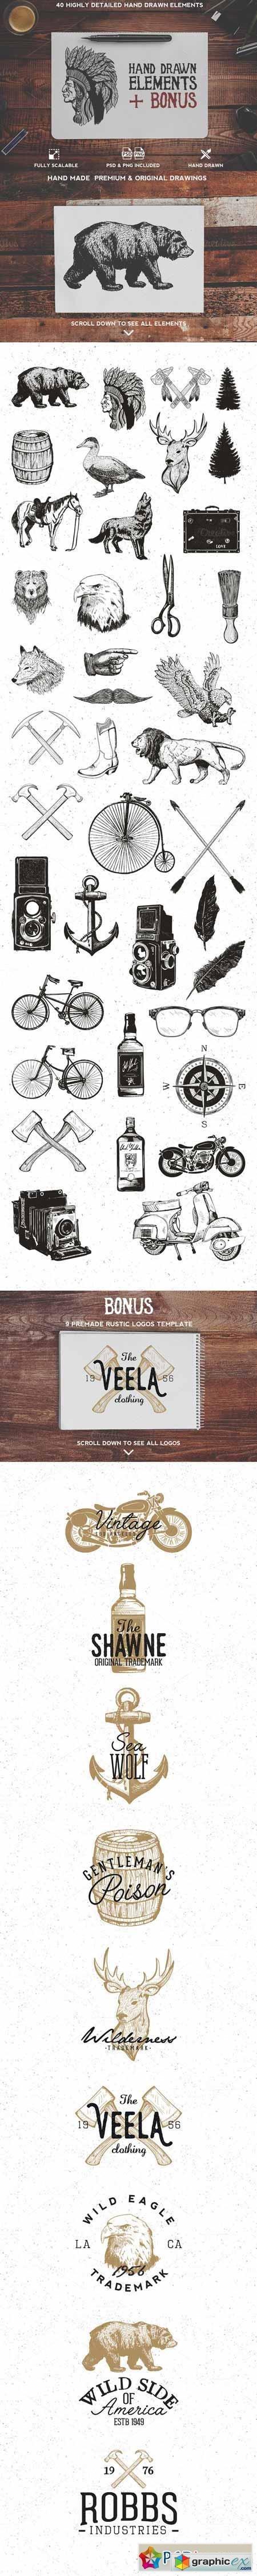 40 Rustic Design Elements + Bonus